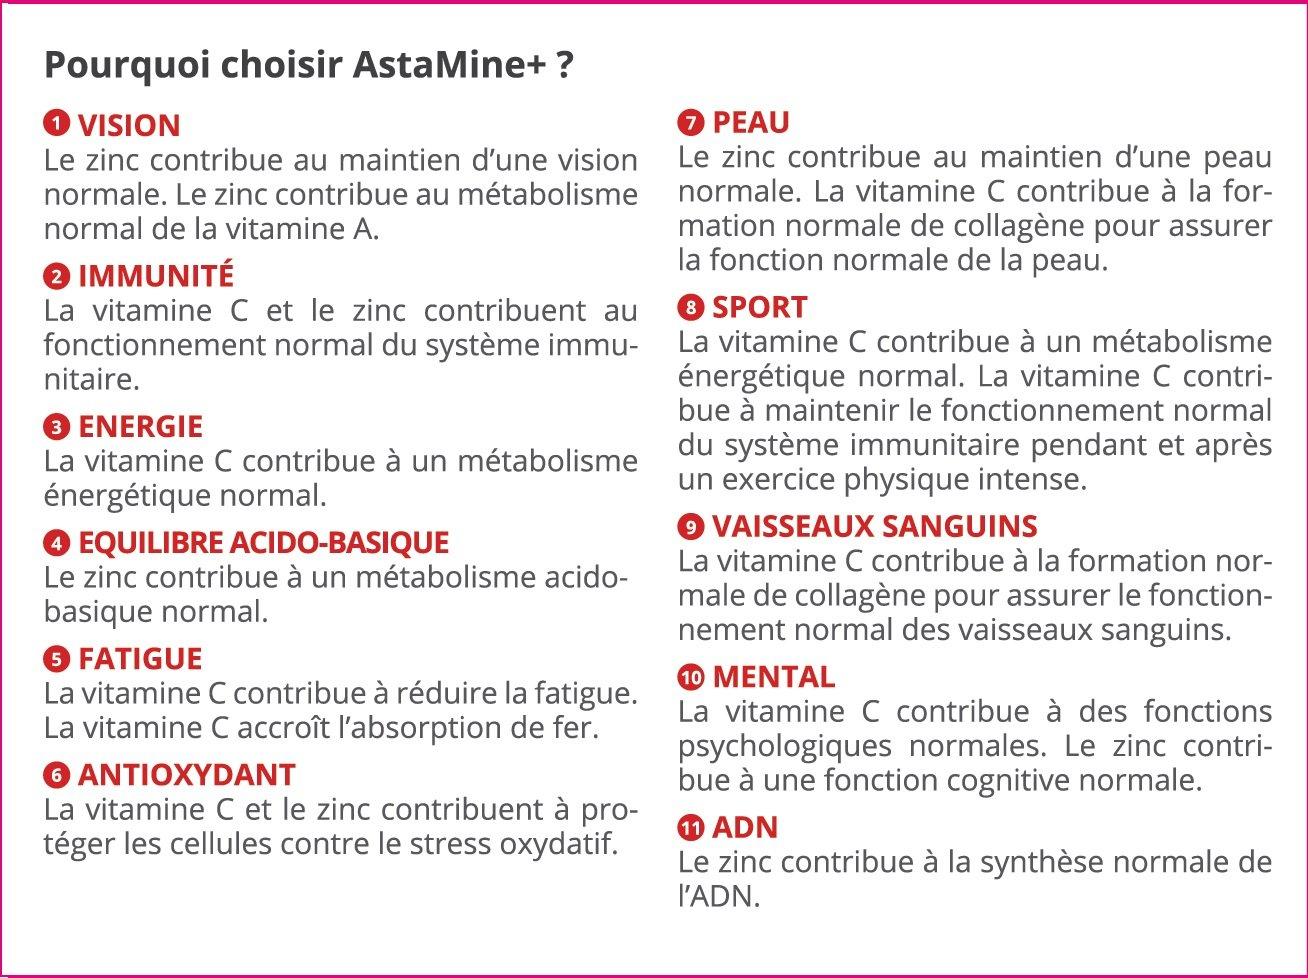 astamine + - astaxantina 9 mg Enrichie De cinc y Vitamina C - Ebo R & D - 30 gélules - 100% de ingrédients naturales - Producto para la visión, la fatiga, ...